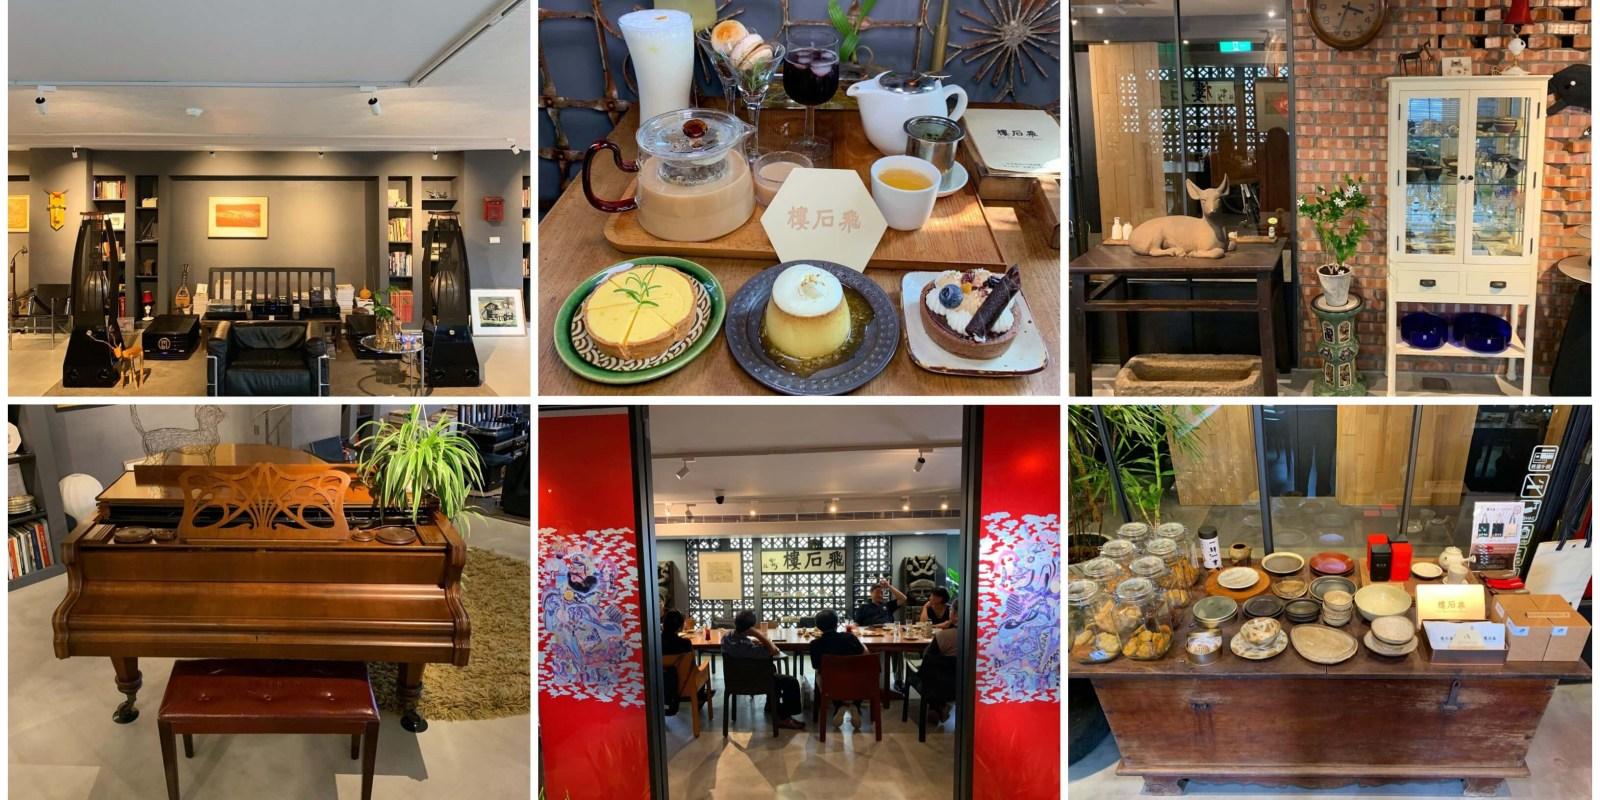 [台南美食] 飛石樓 - 擁有千萬音響和藝文空間的下午茶餐廳